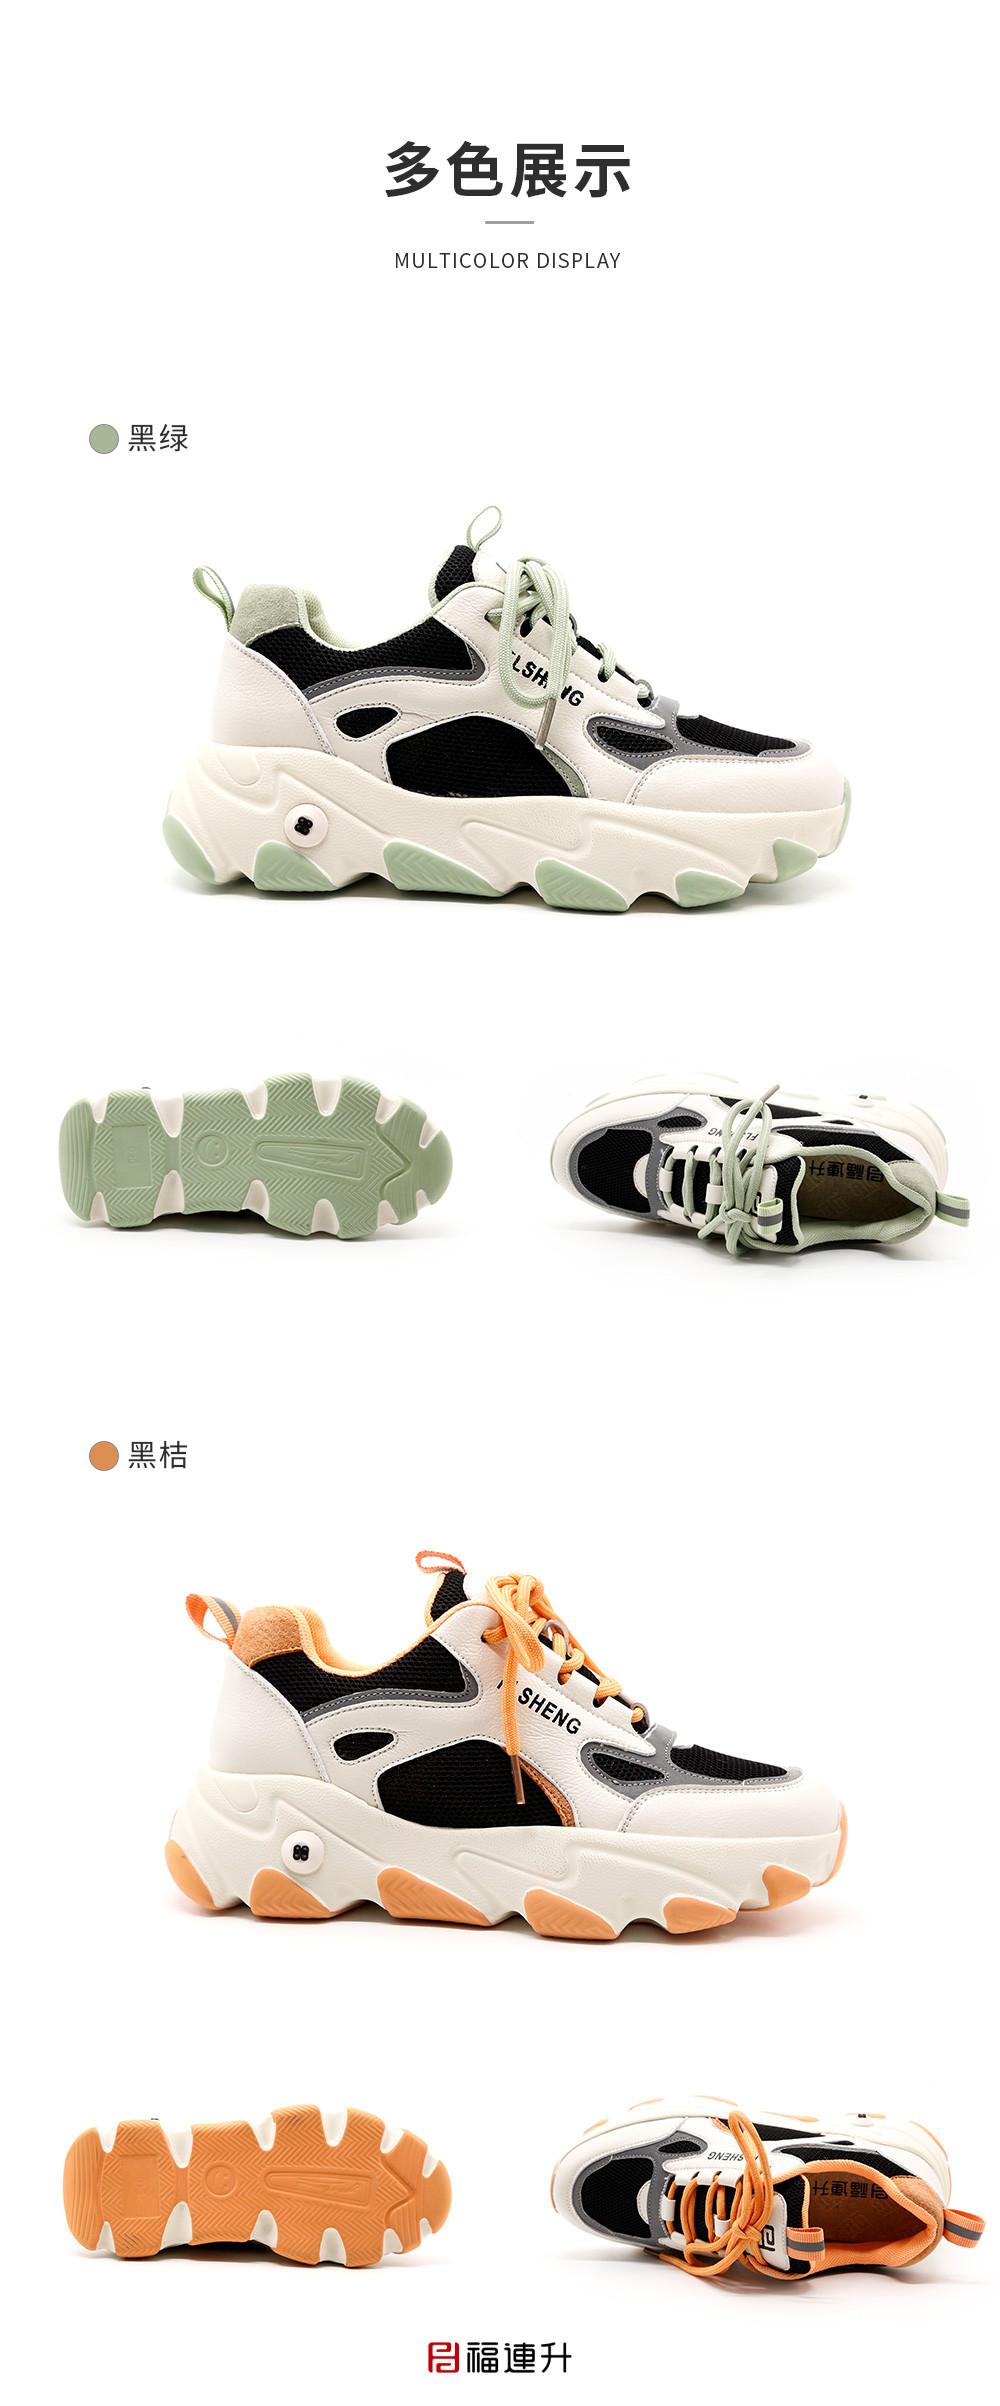 厚底增高老爹鞋女休闲百搭时尚运动鞋棉麻透气青年鞋图片